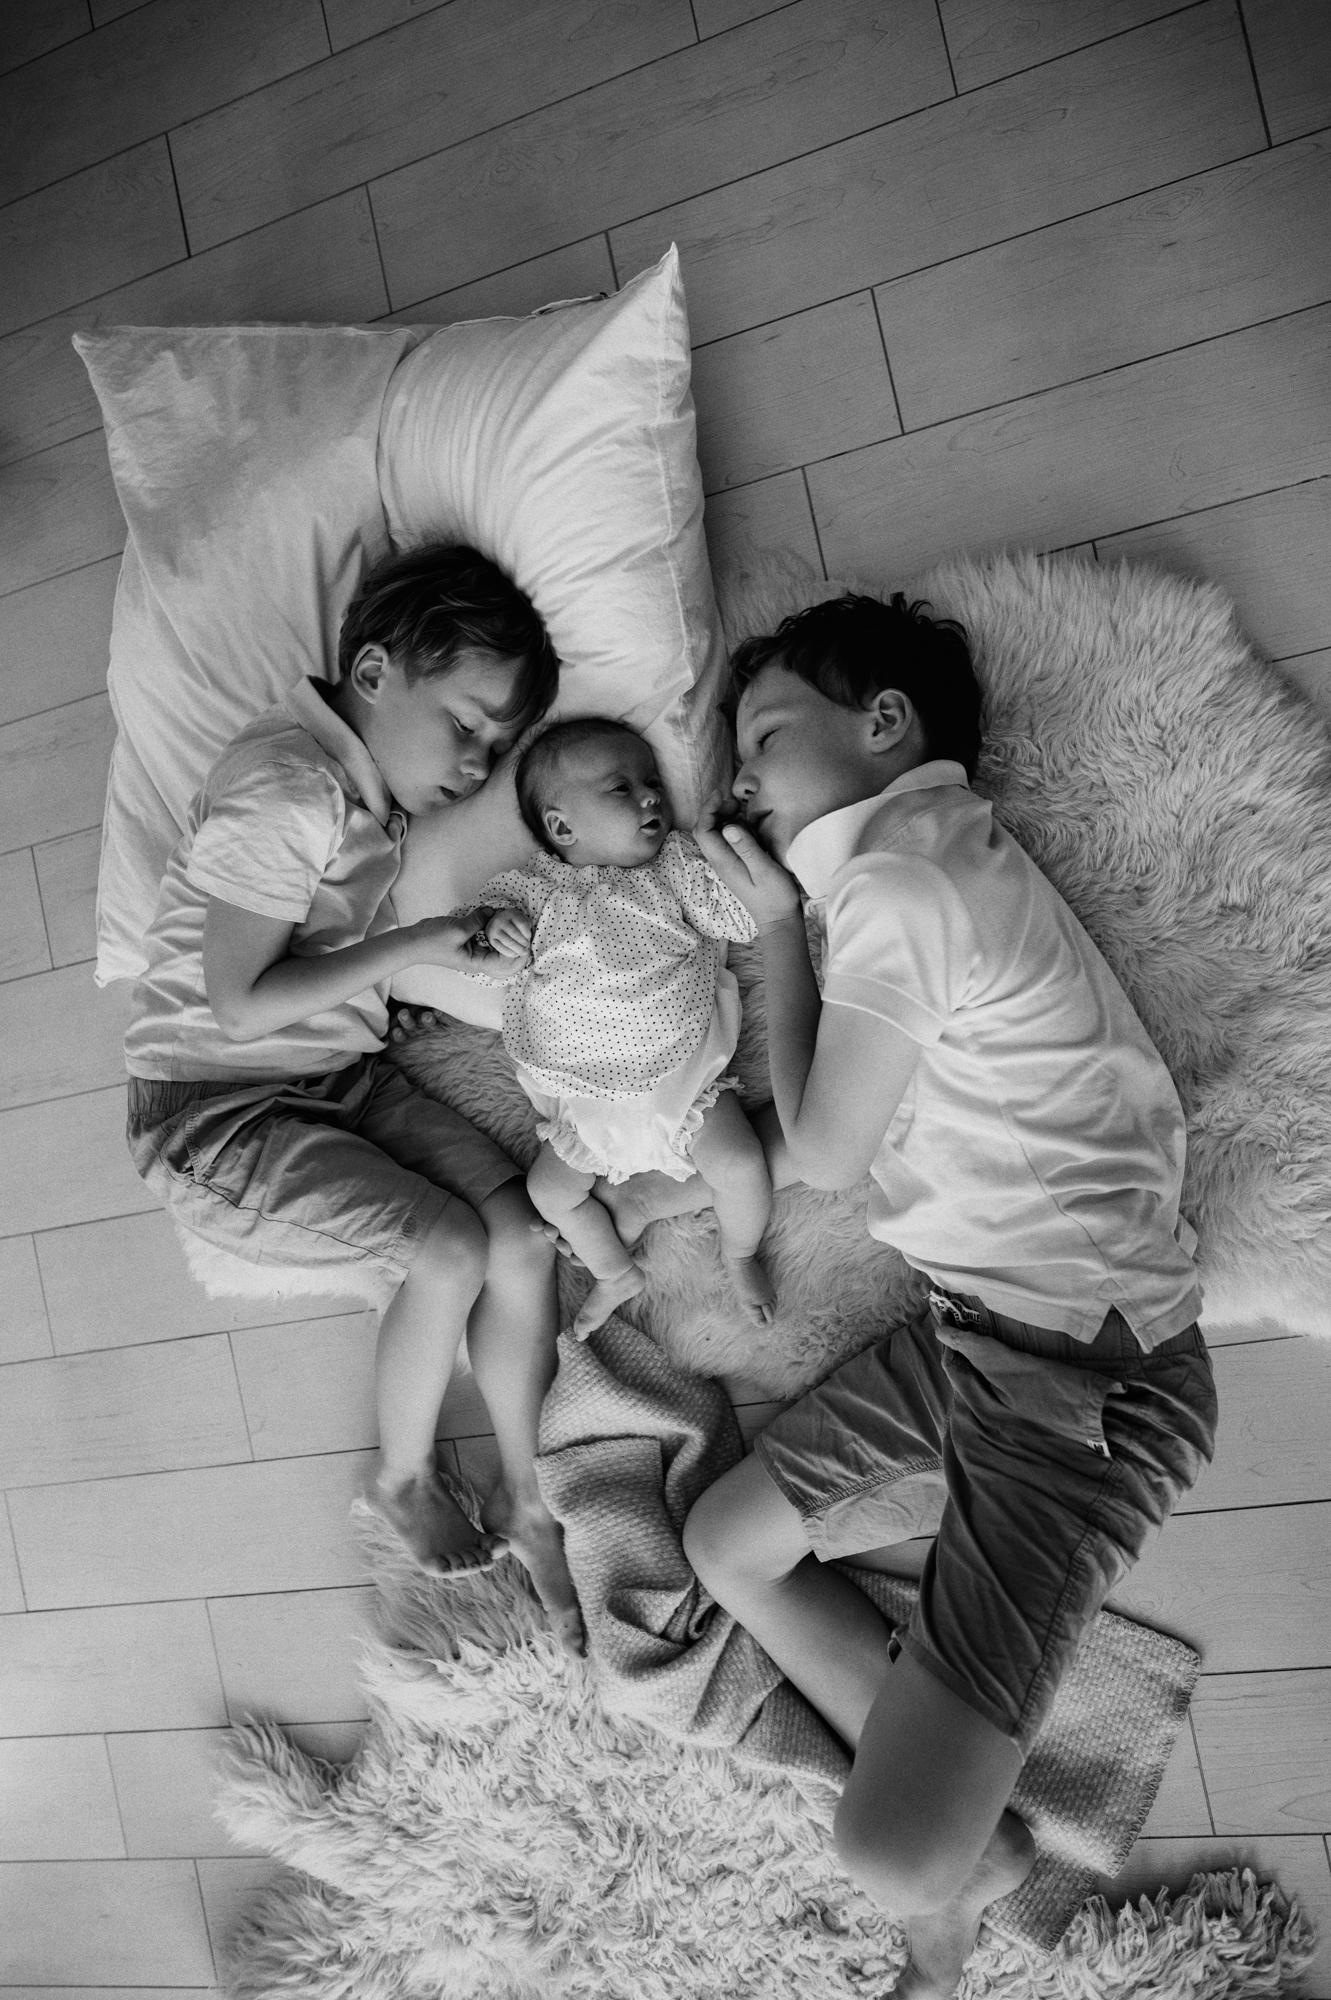 Kinder gemütlich zusammen